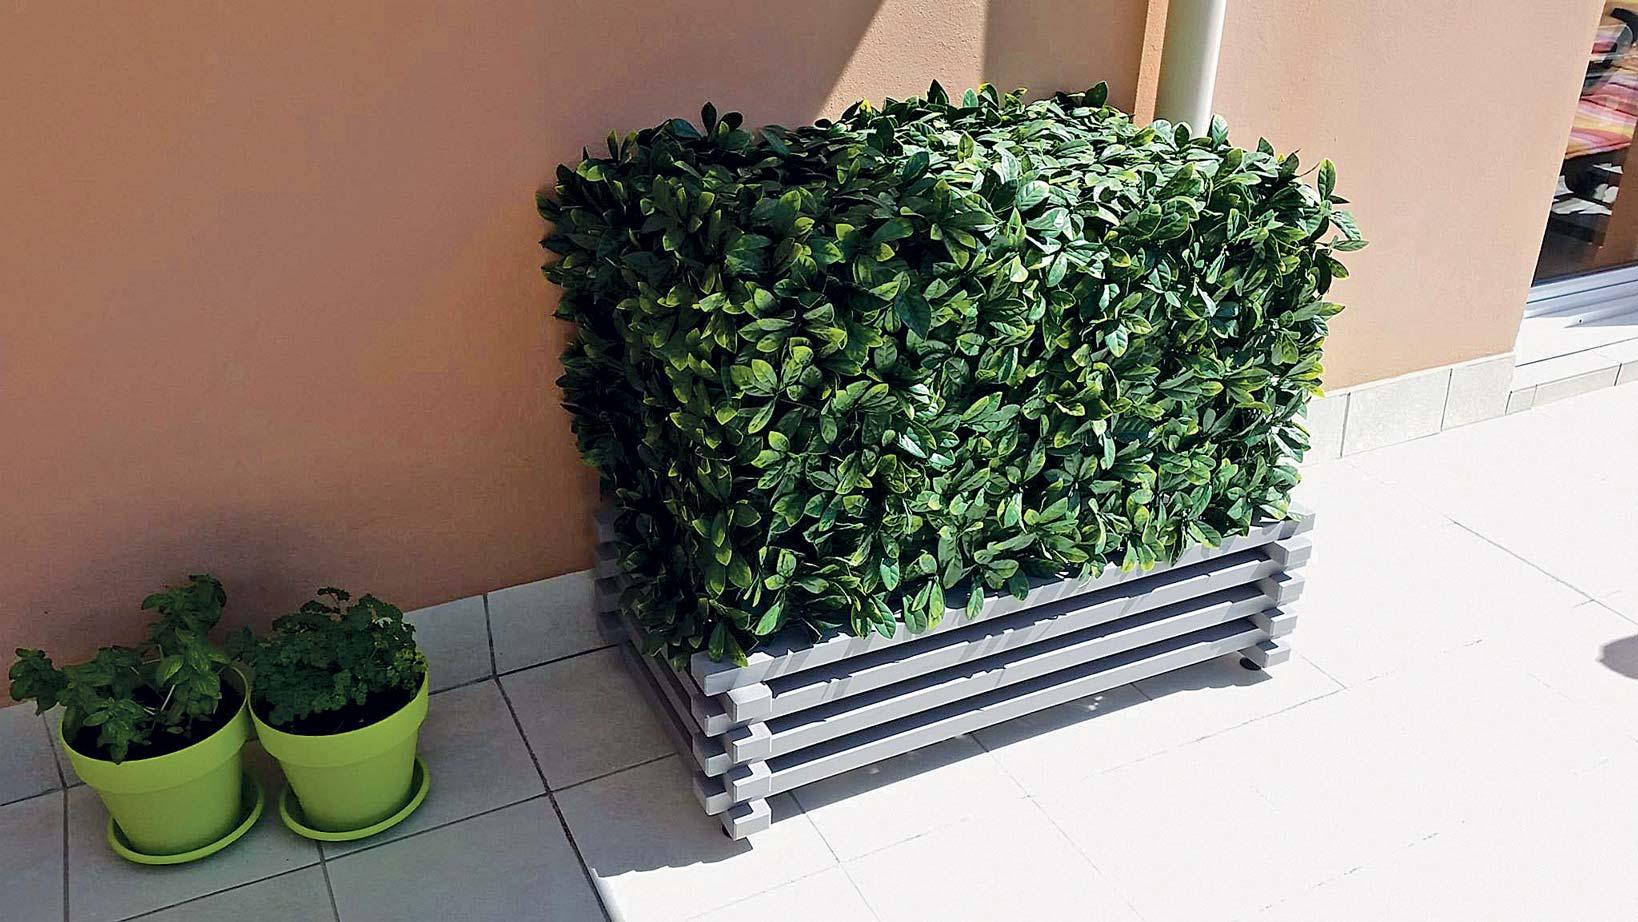 Comment Cacher Sa Terrasse comment cacher sa climatisation ? - de fil en déco